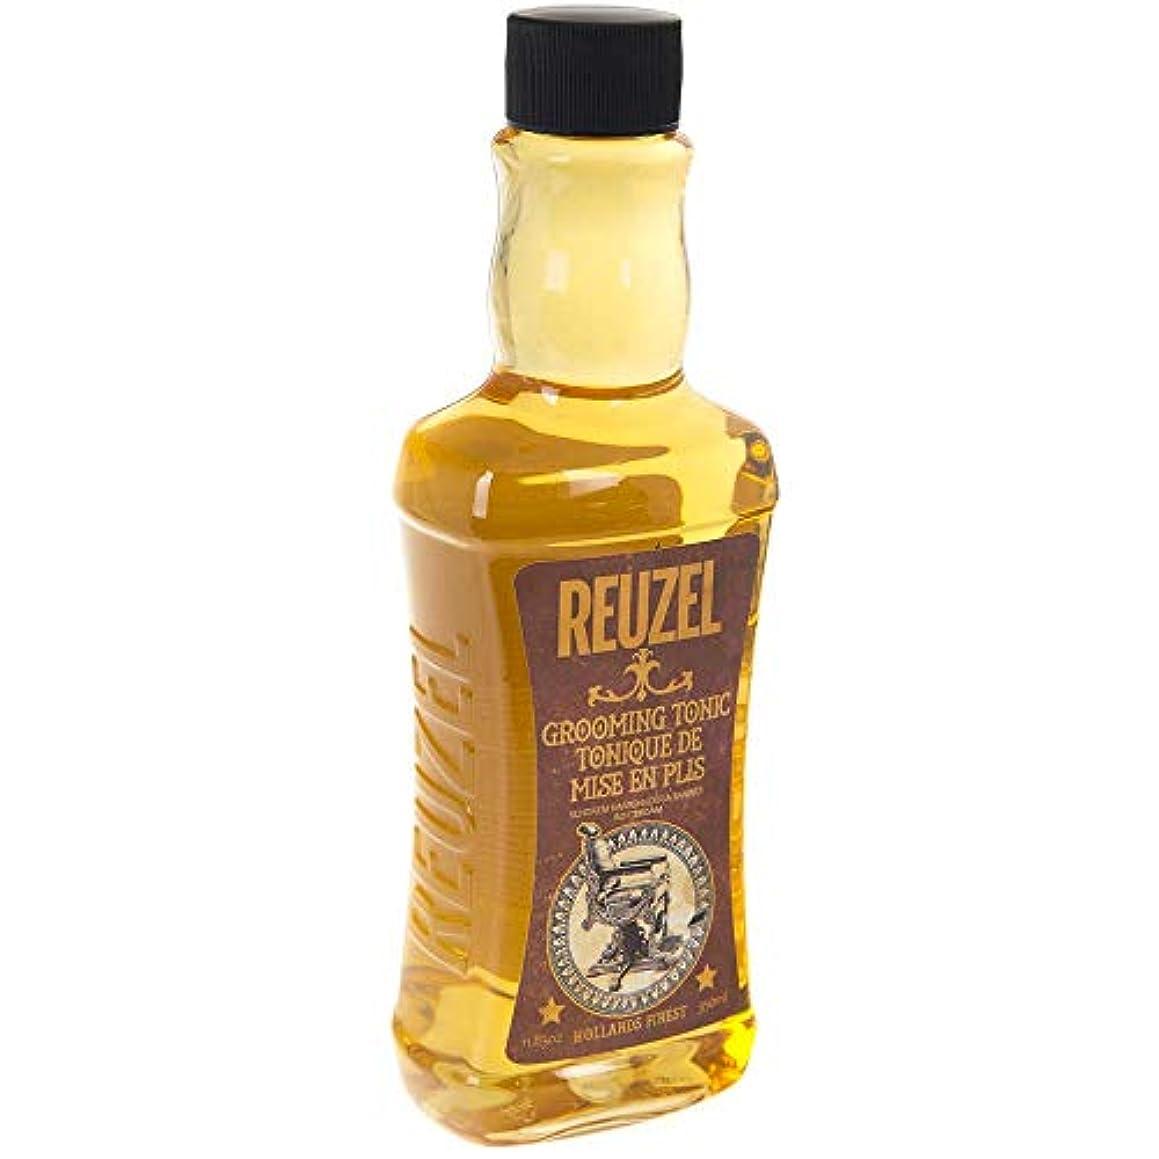 どれか切り離す好意ルーゾー グルーミング トニック Reuzel Grooming Tonic 350 ml [並行輸入品]